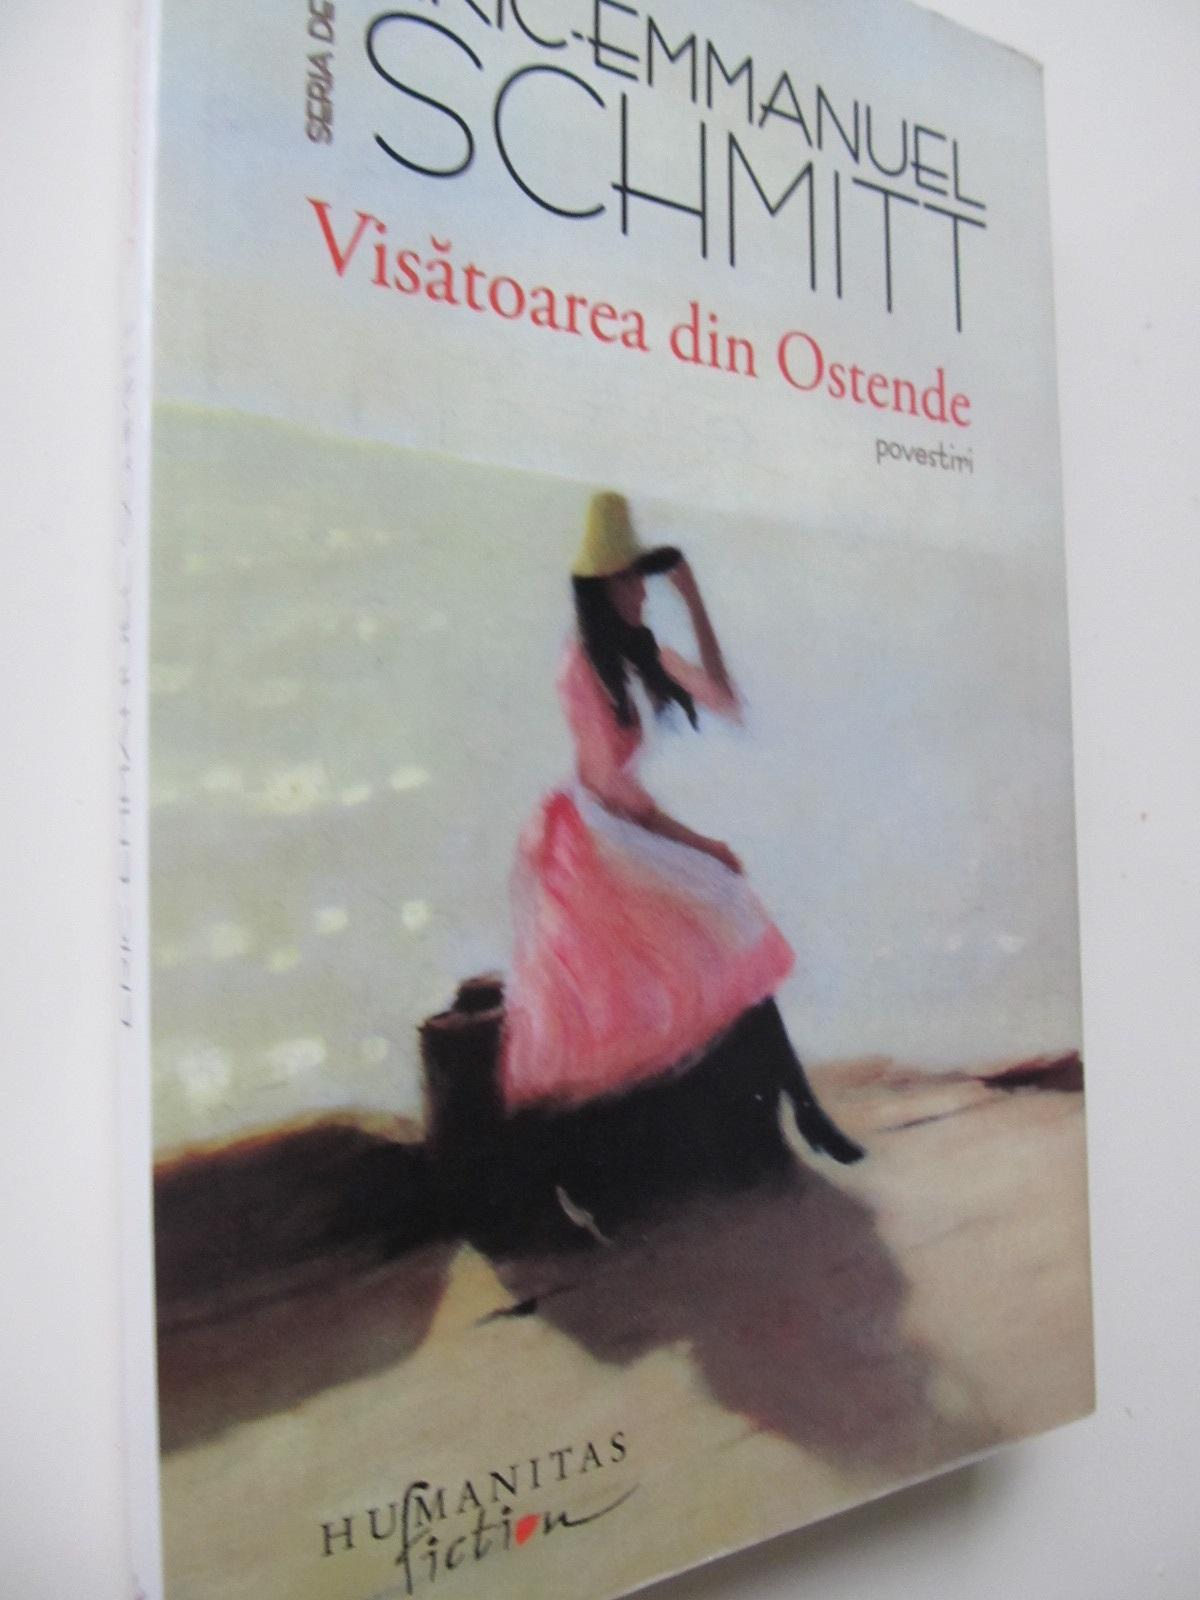 Visatoarea din Ostende - povestiri - Eric Emmanuel Schmitt | Detalii carte